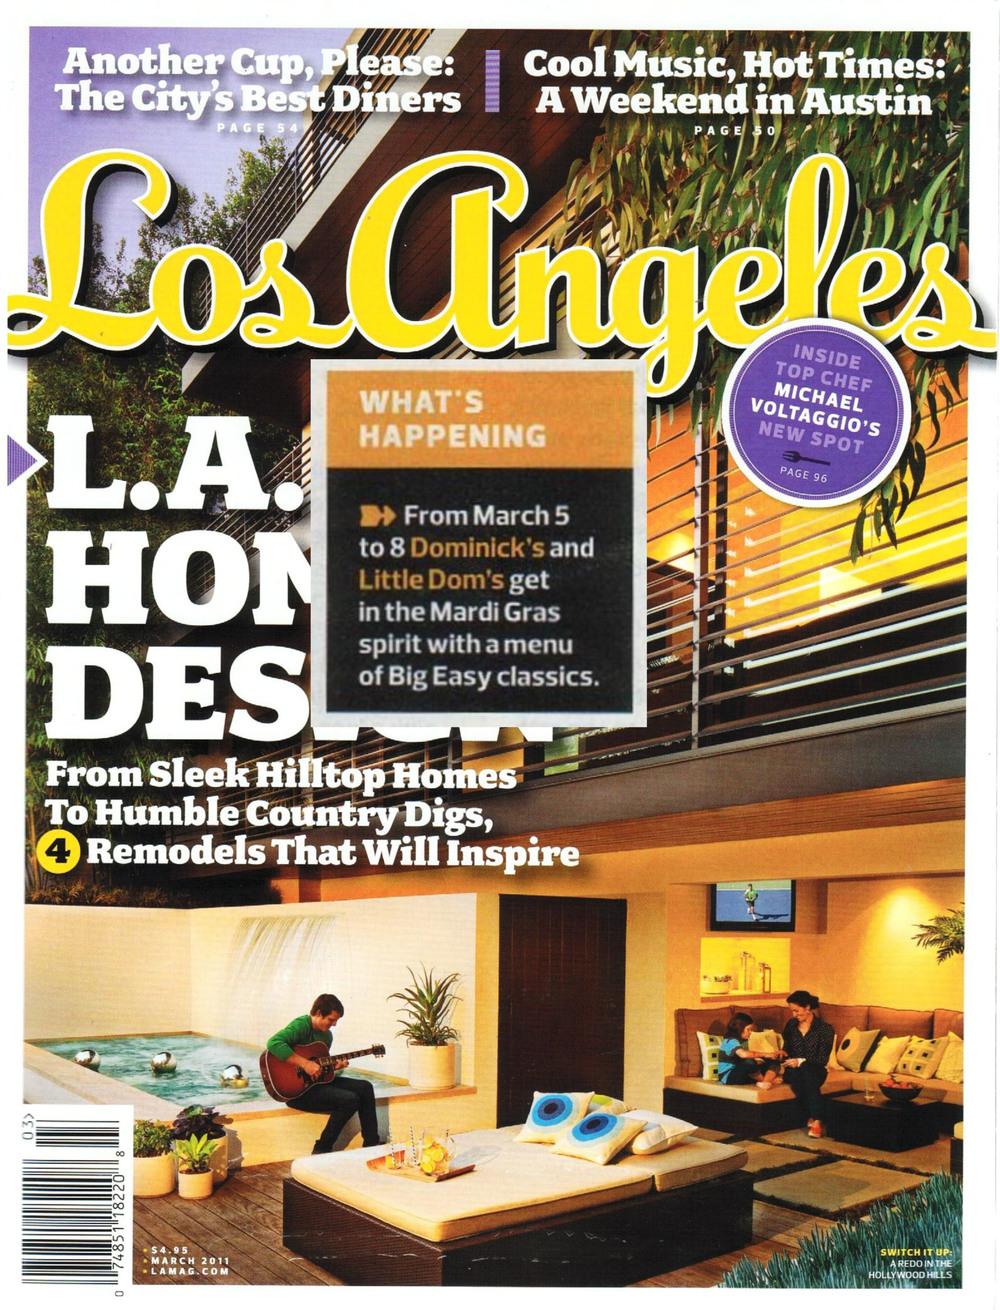 Los Angeles - 3.jpg